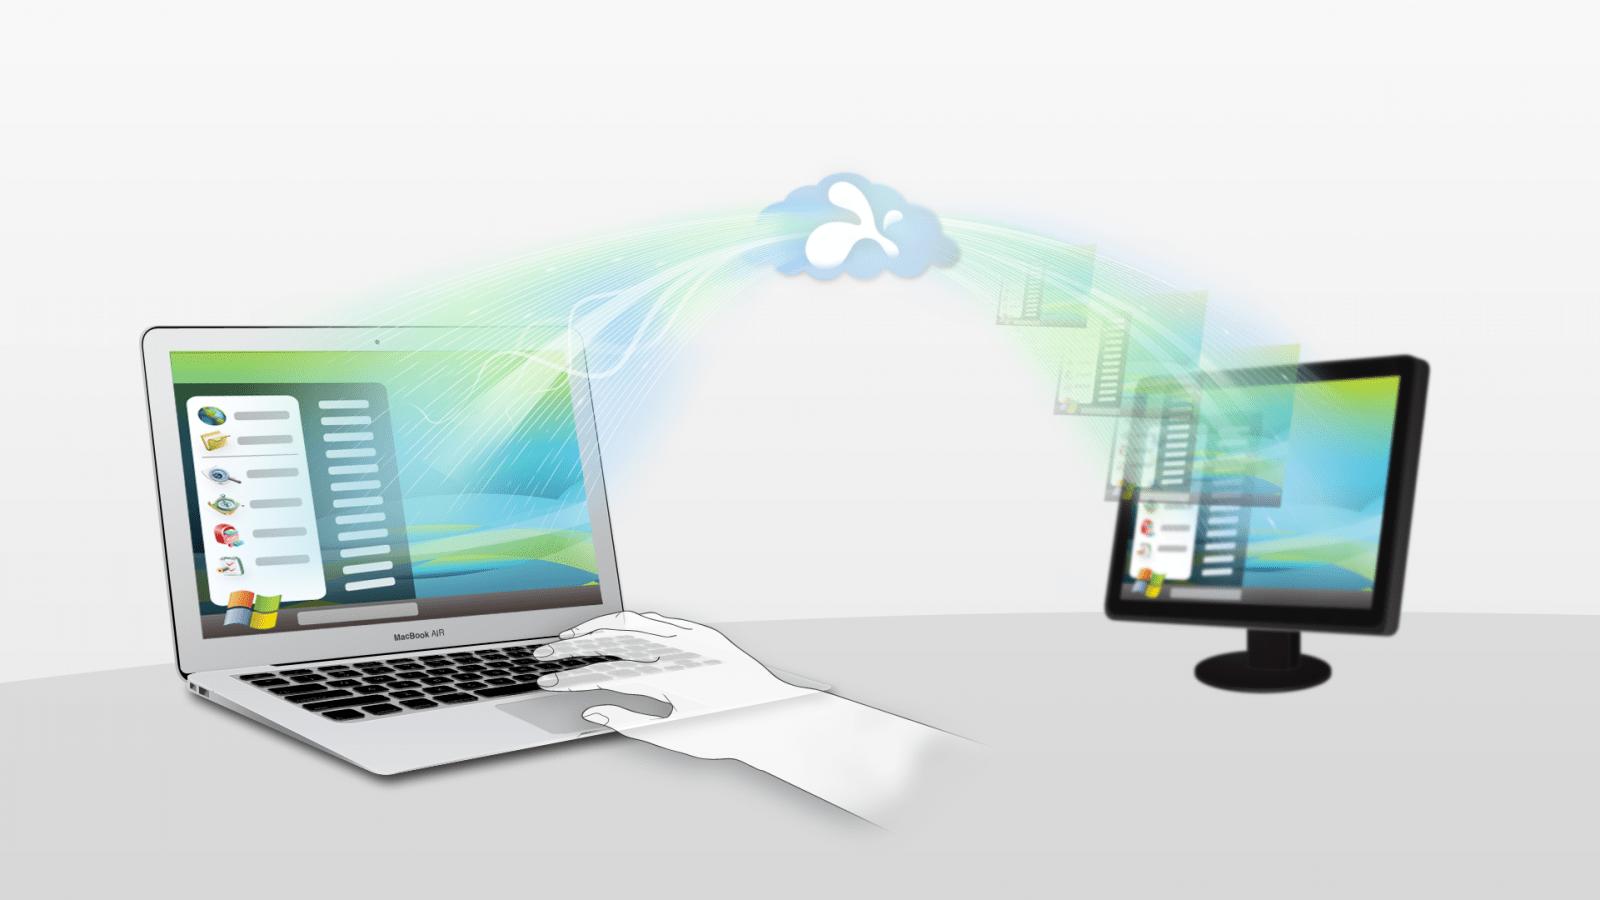 Как создать удалённый доступ к компьютеру